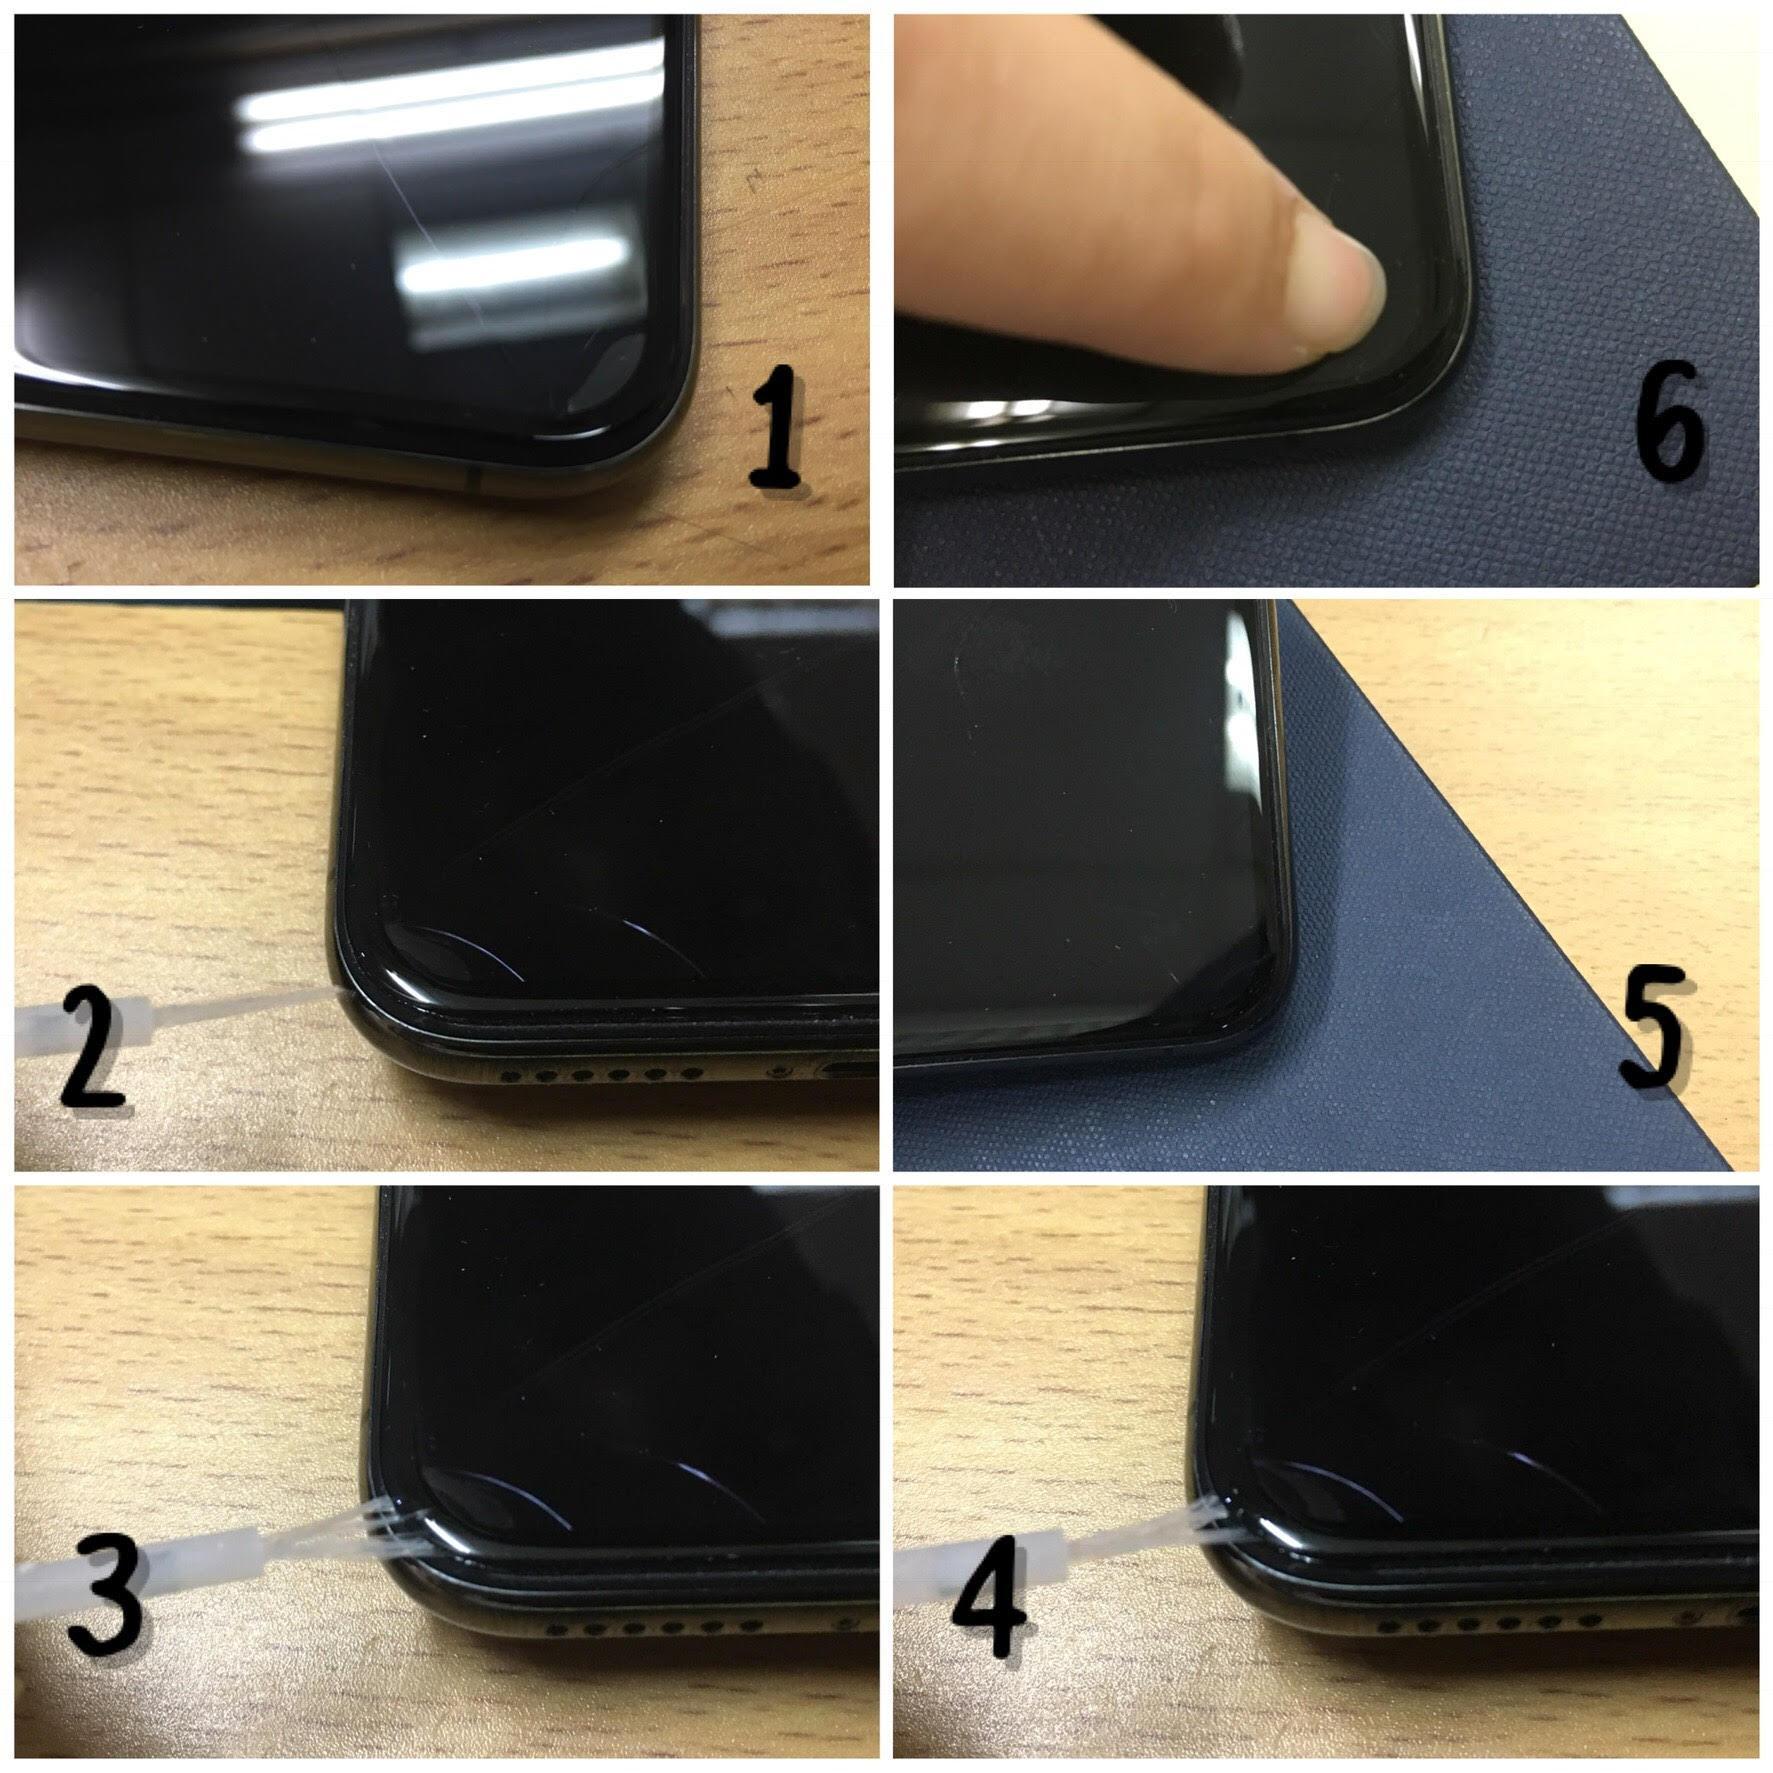 CASA Tempered Glass 5D for Vivo V9 - FULL LEM & FULL SCREEN [Black]